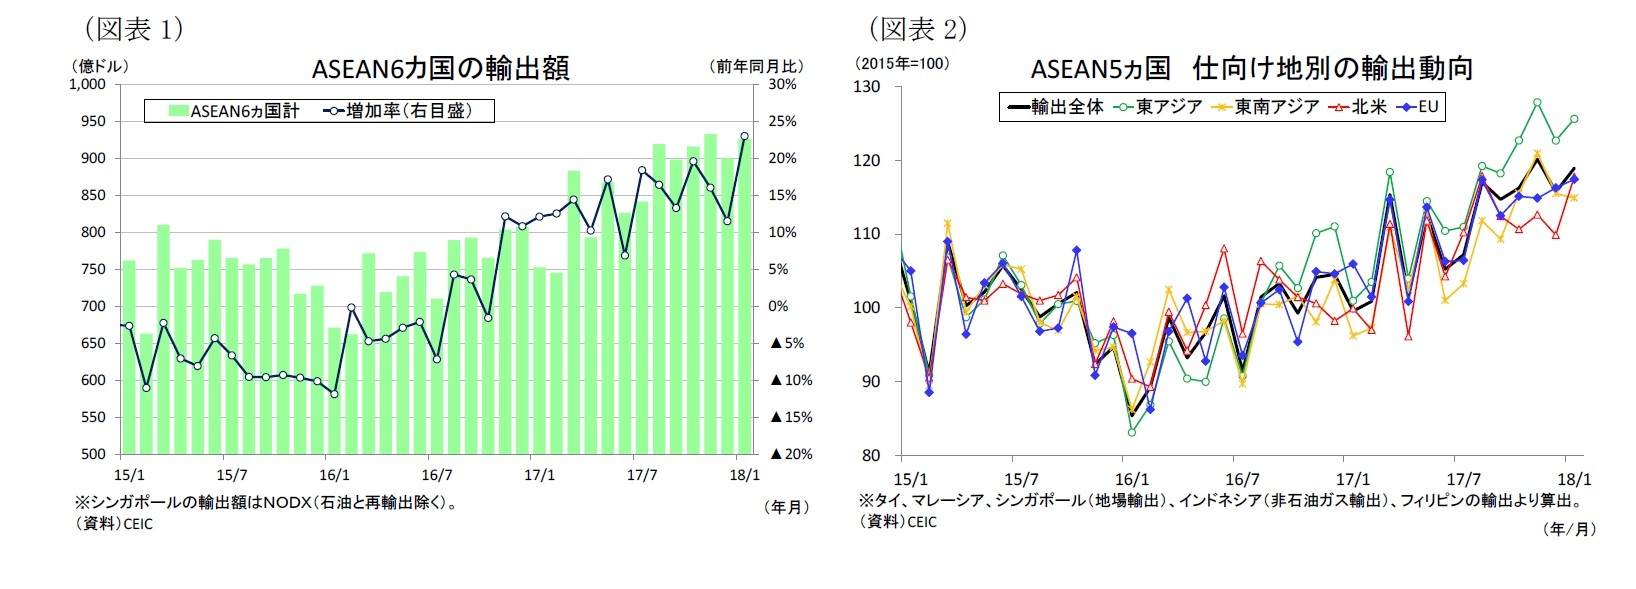 (図表1)ASEAN6カ国の輸出額/(図表2)ASEAN5ヵ国仕向け地別の輸出動向